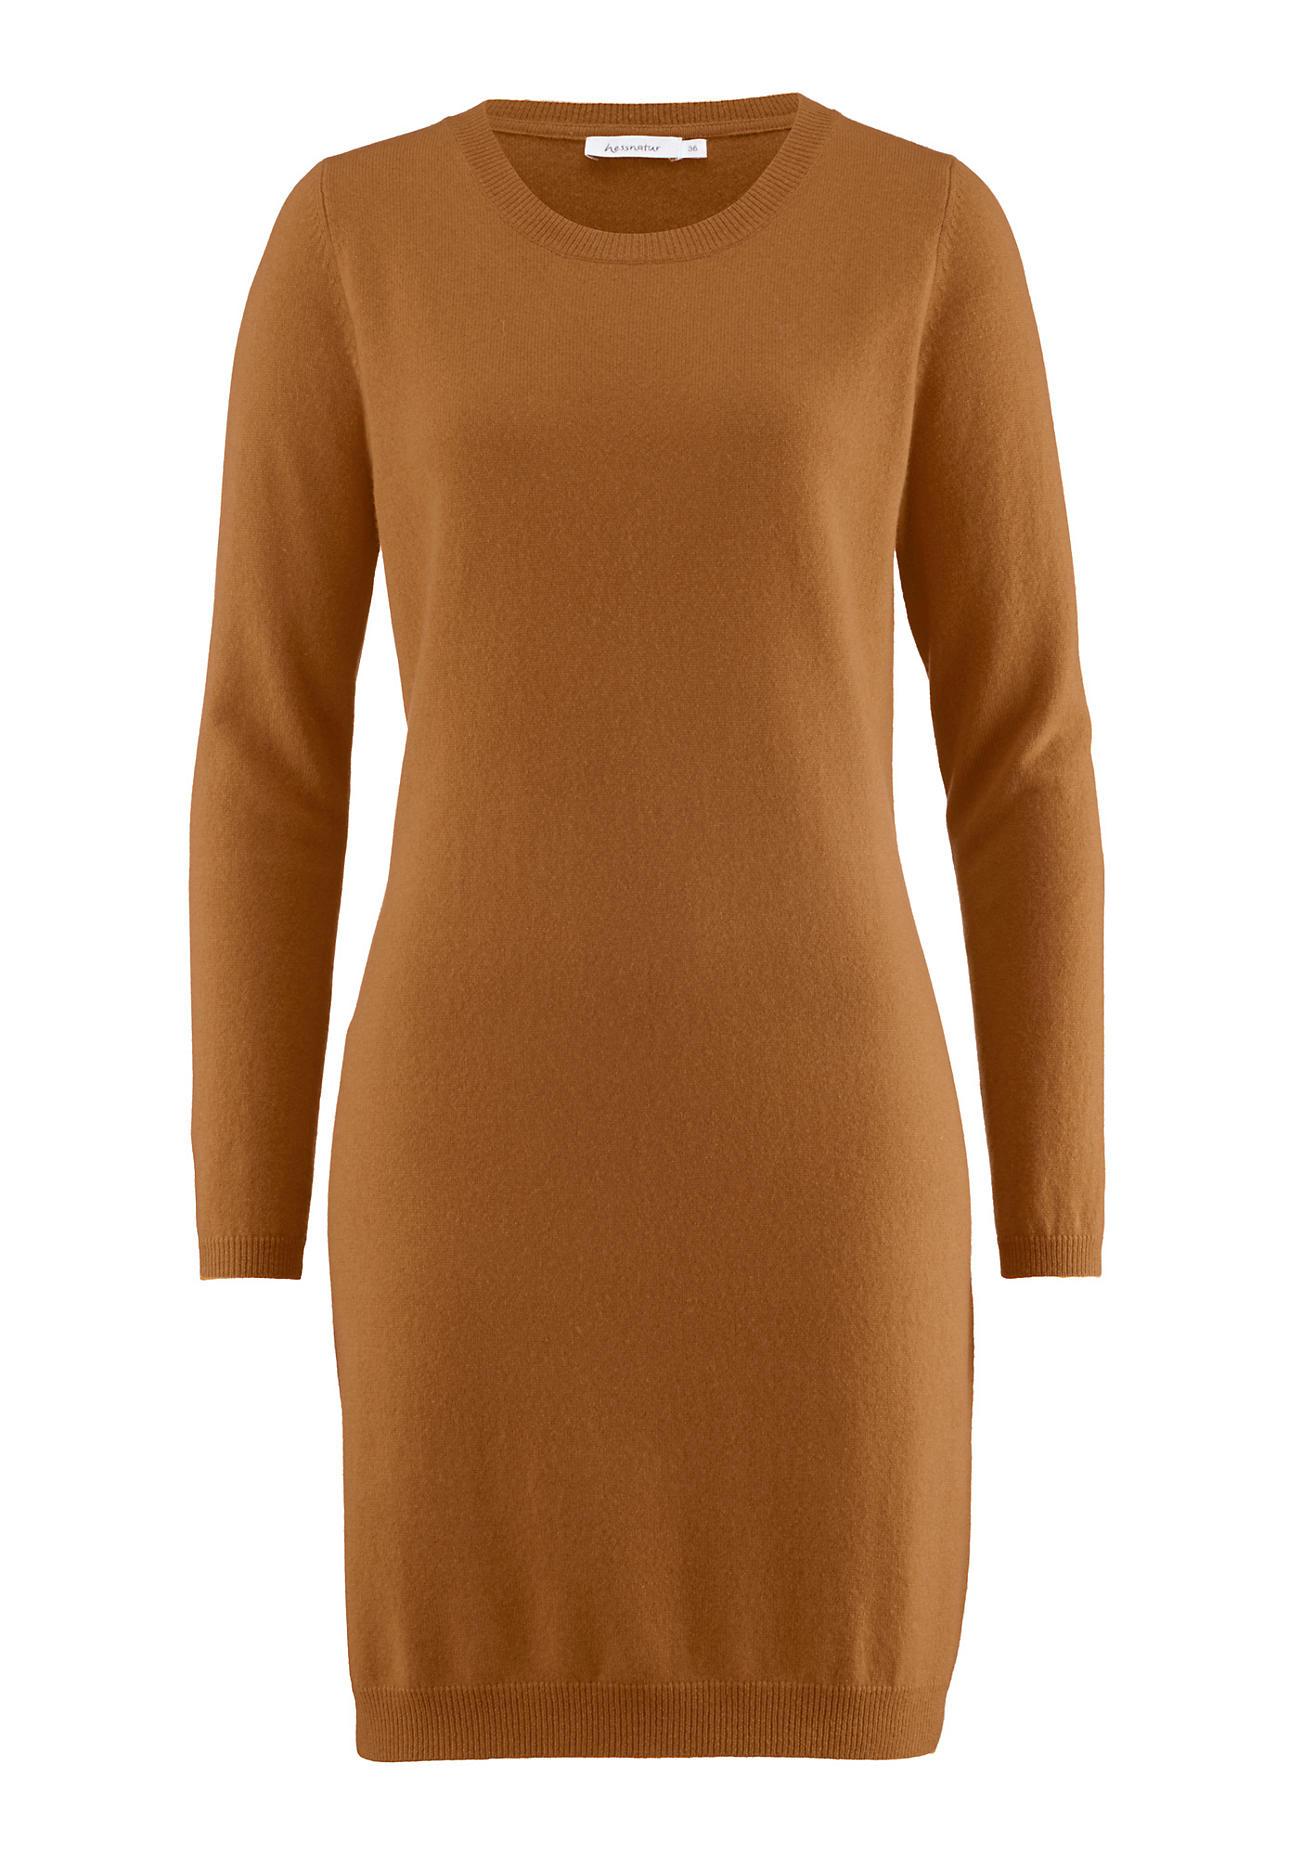 Kleider - hessnatur Damen Minikleid aus Schurwolle mit Kaschmir – lila –  - Onlineshop Hessnatur